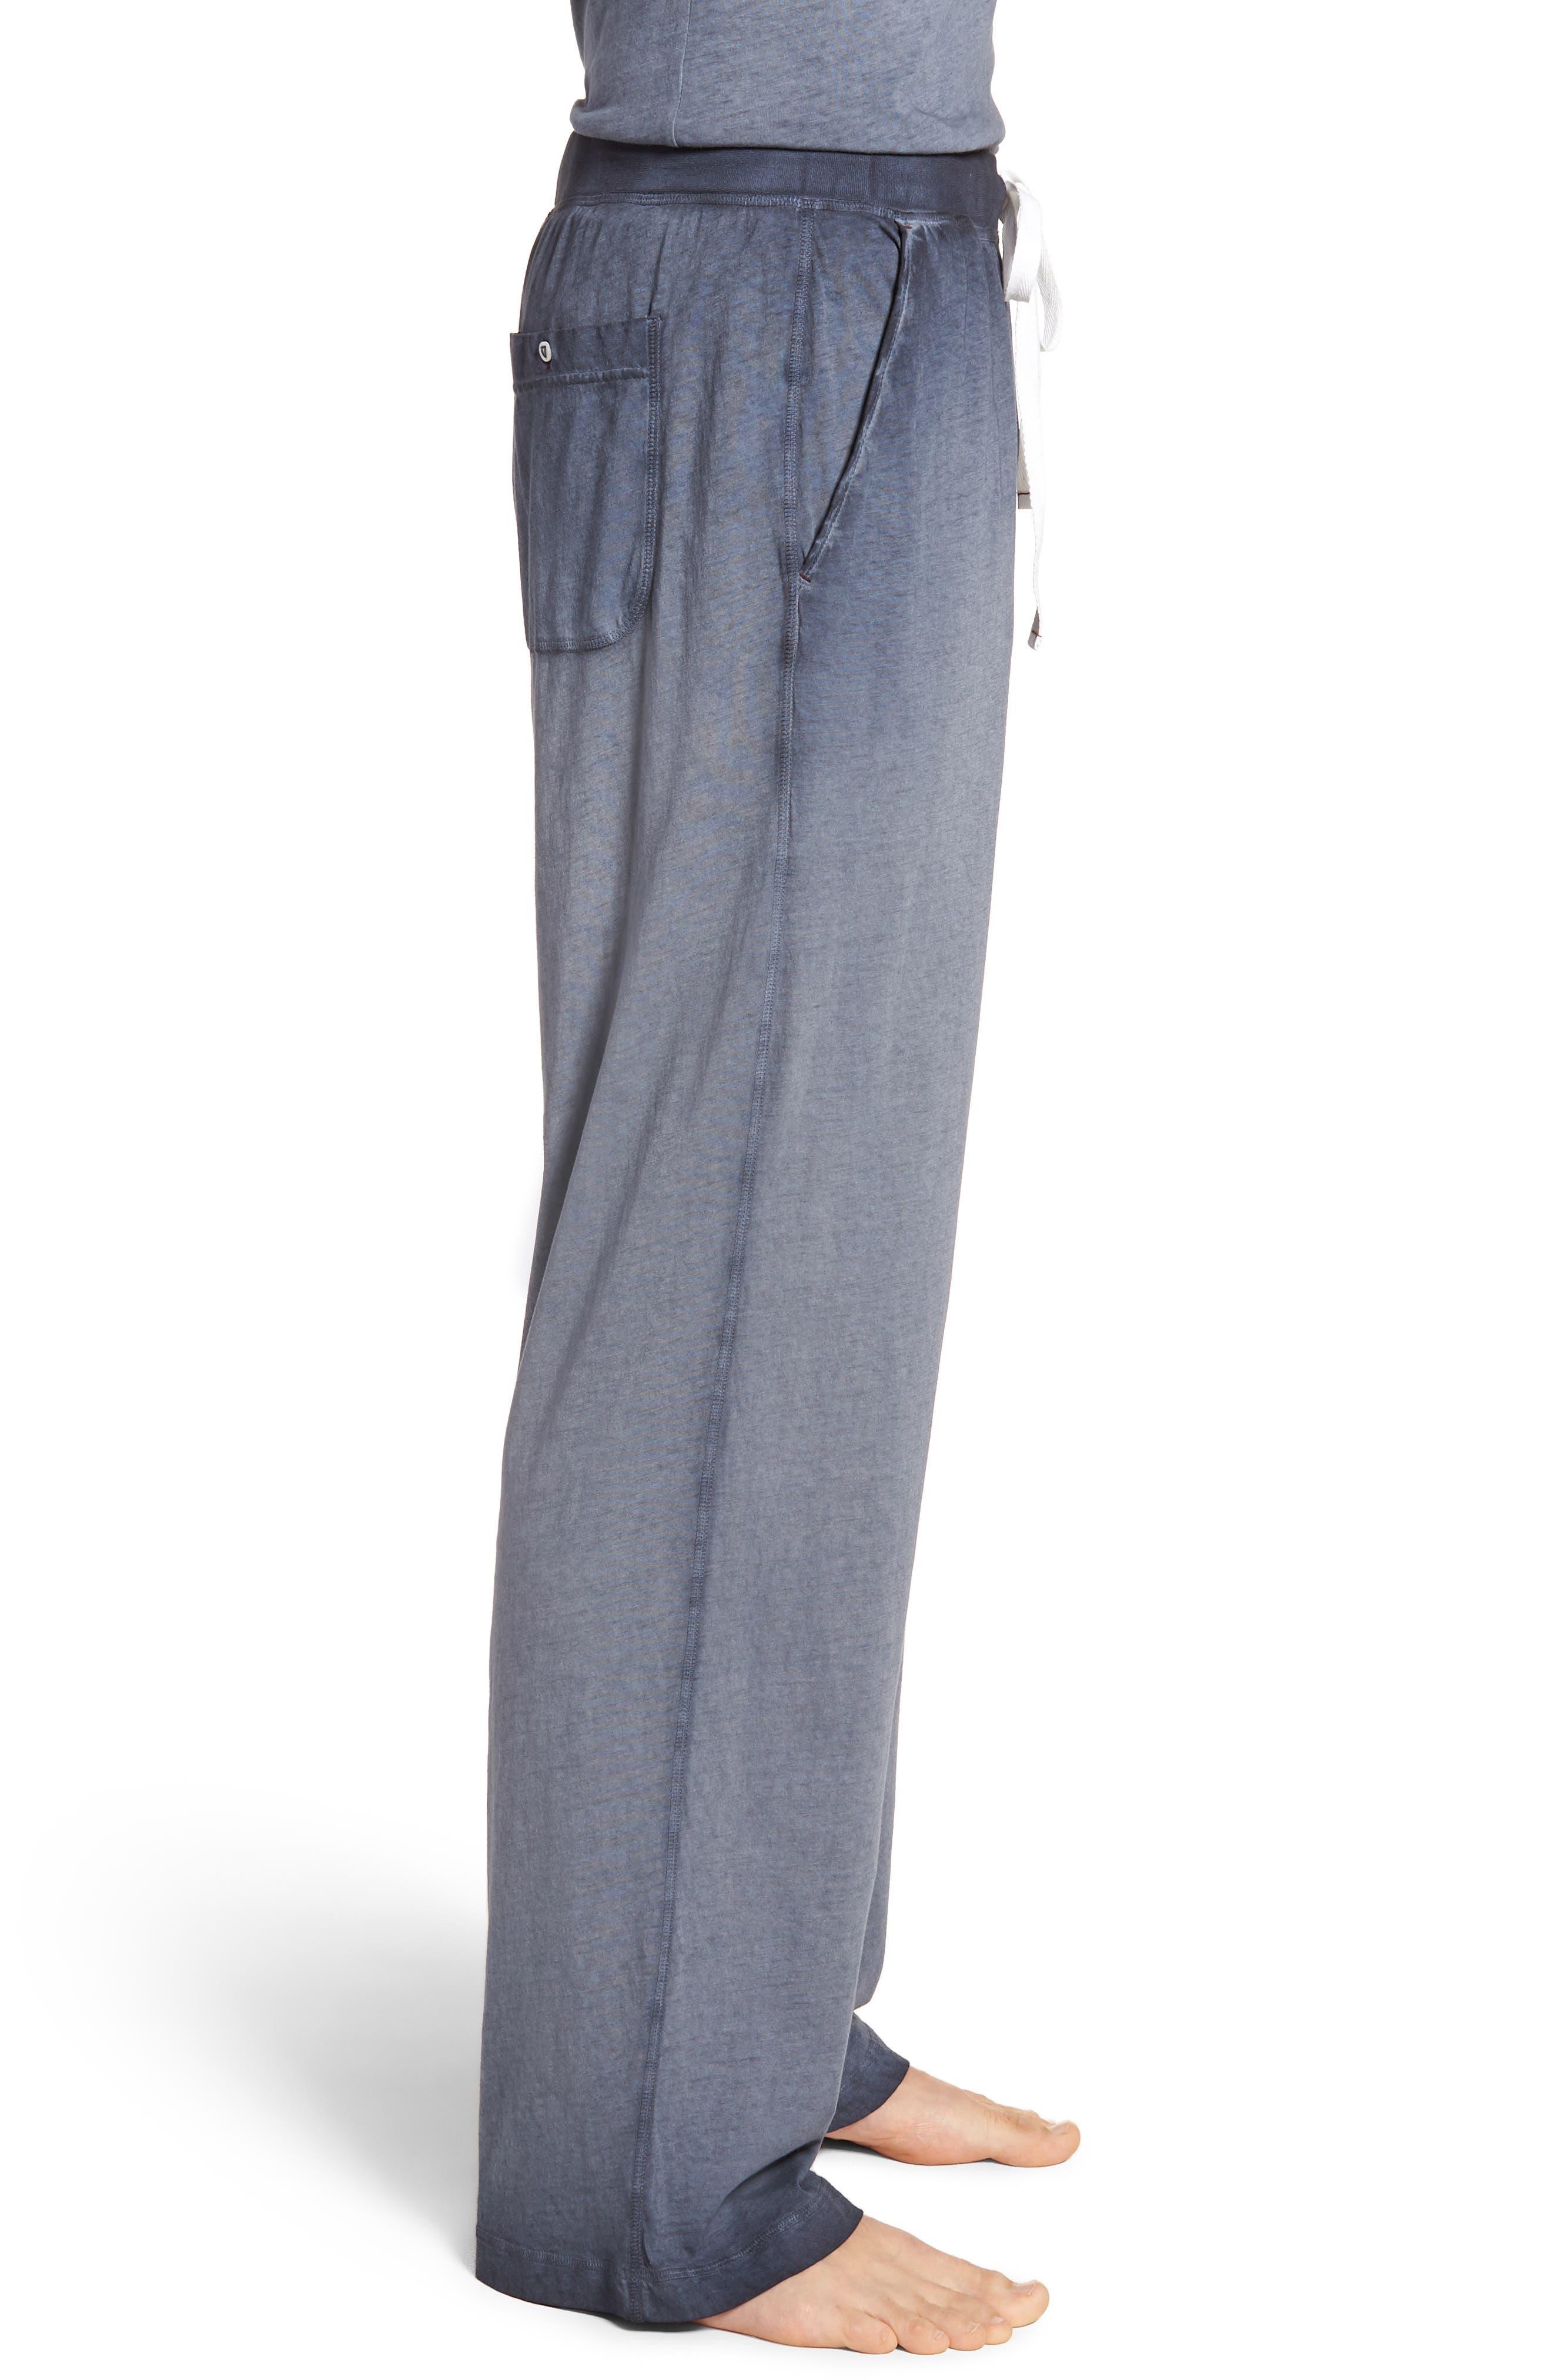 Cotton Lounge Pants,                             Alternate thumbnail 3, color,                             Navy